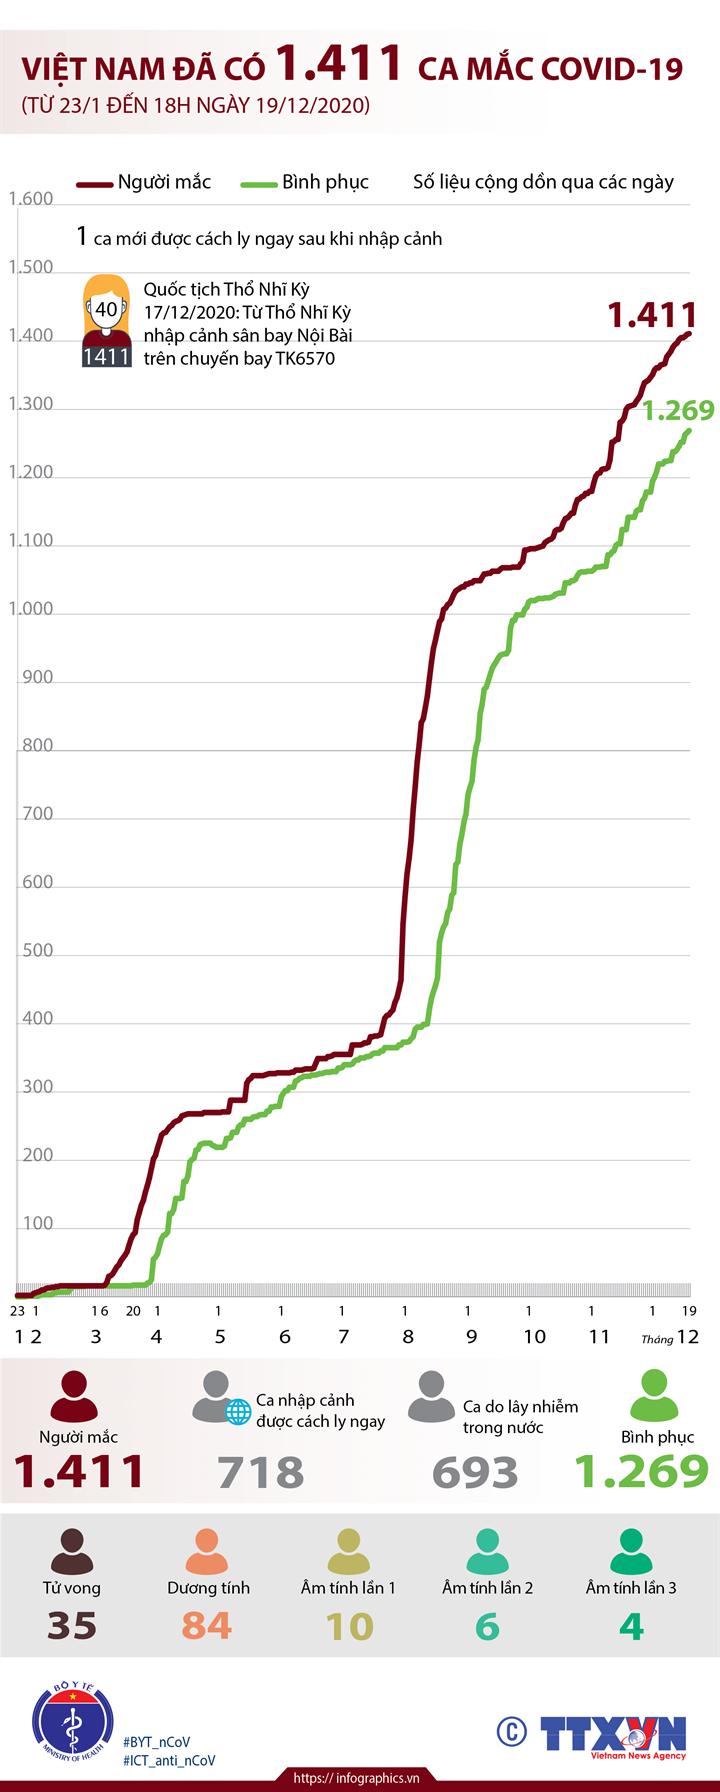 Việt Nam đã có 1.411 ca mắc COVID-19 (từ 23/1 đến 18h ngày 19/12/2020)